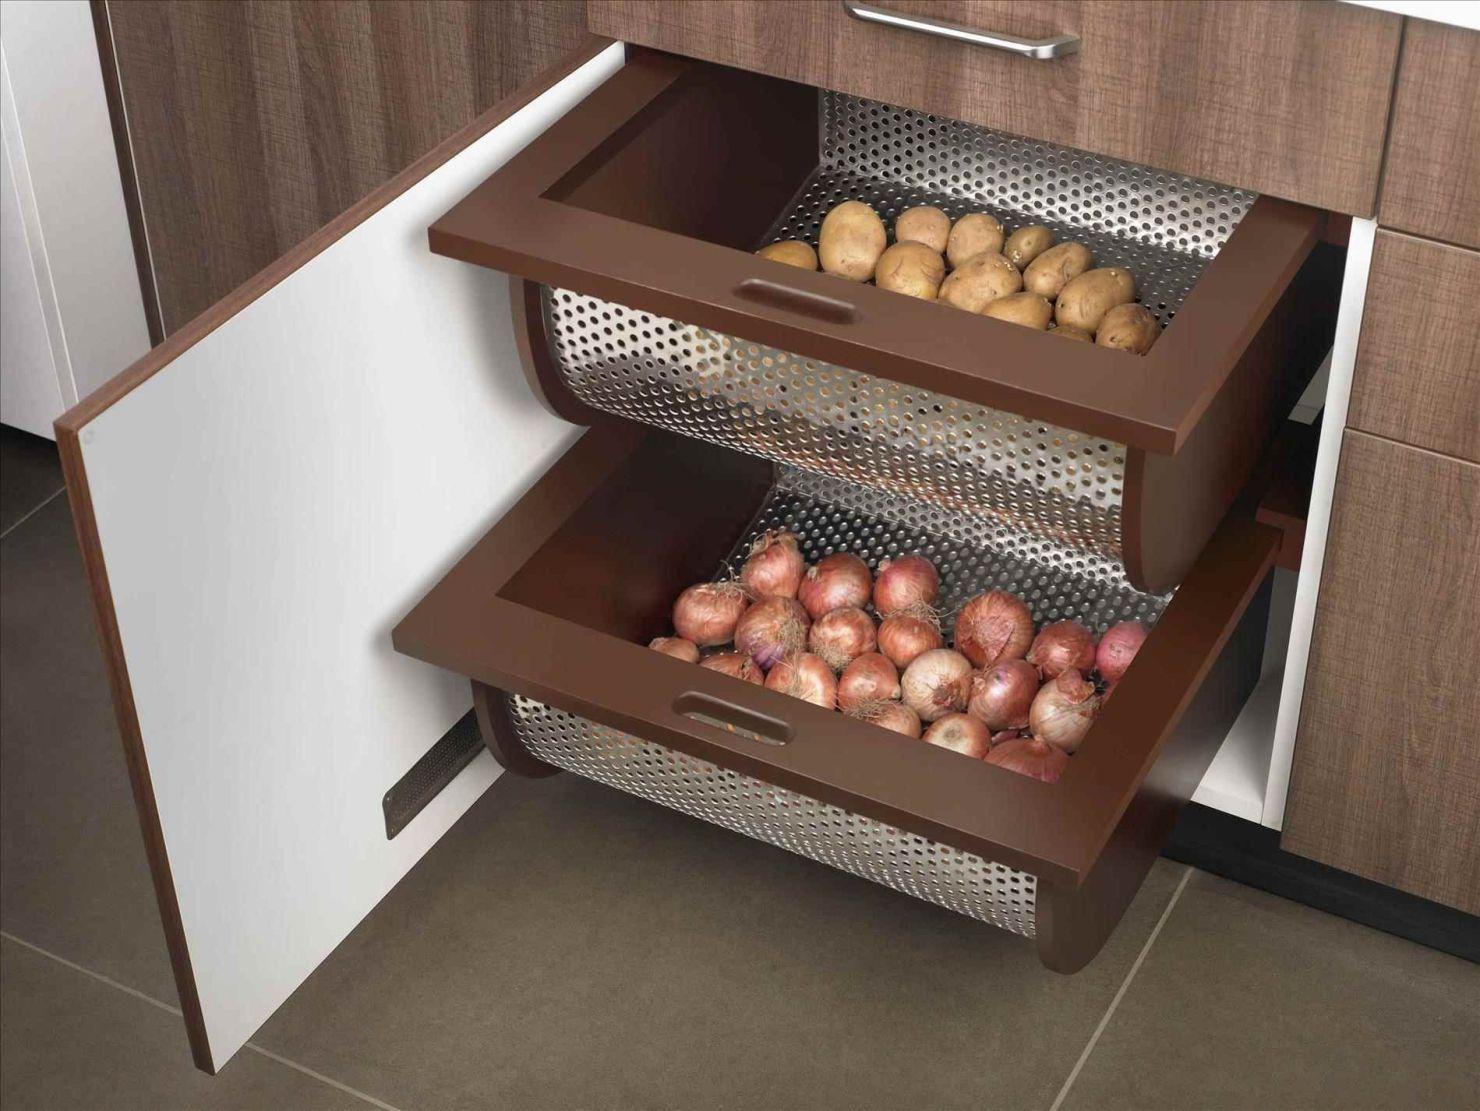 modular kitchen accessories and appliances for indian kitchen kitchen interior design modern on kitchen interior accessories id=31430